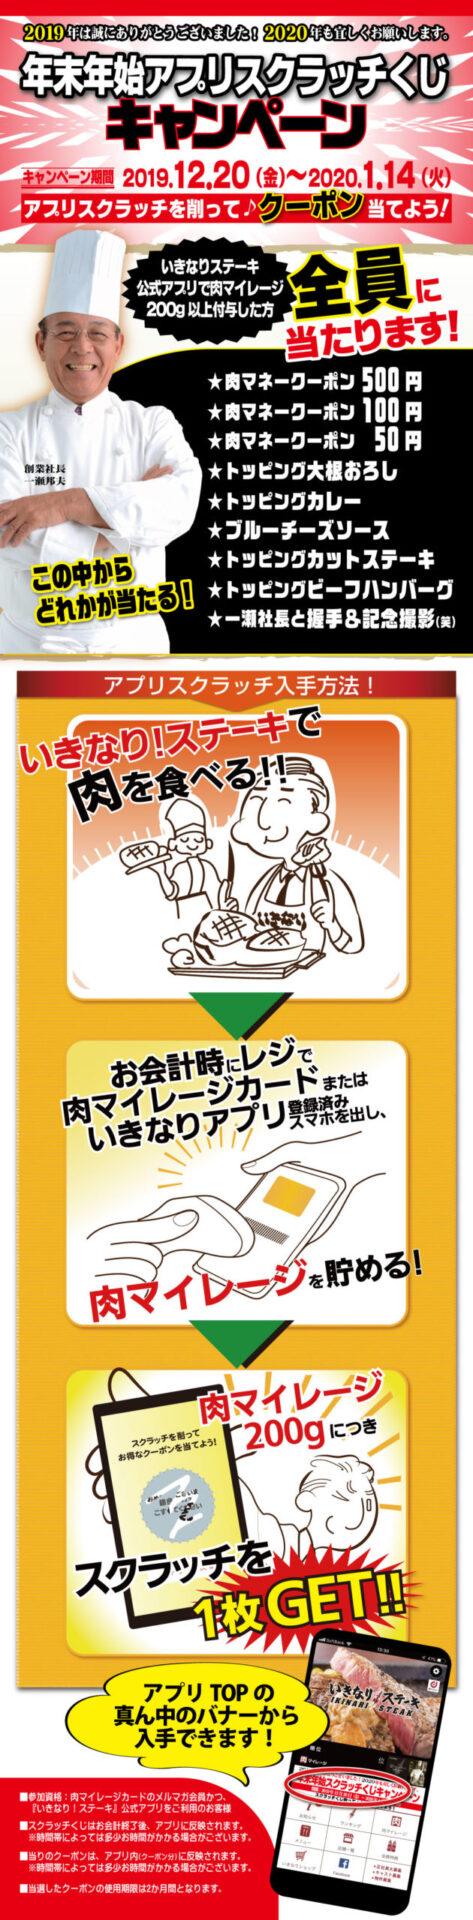 【一瀬社長と握手!】いきなりステーキ、ガチのマジのホンマに終わる